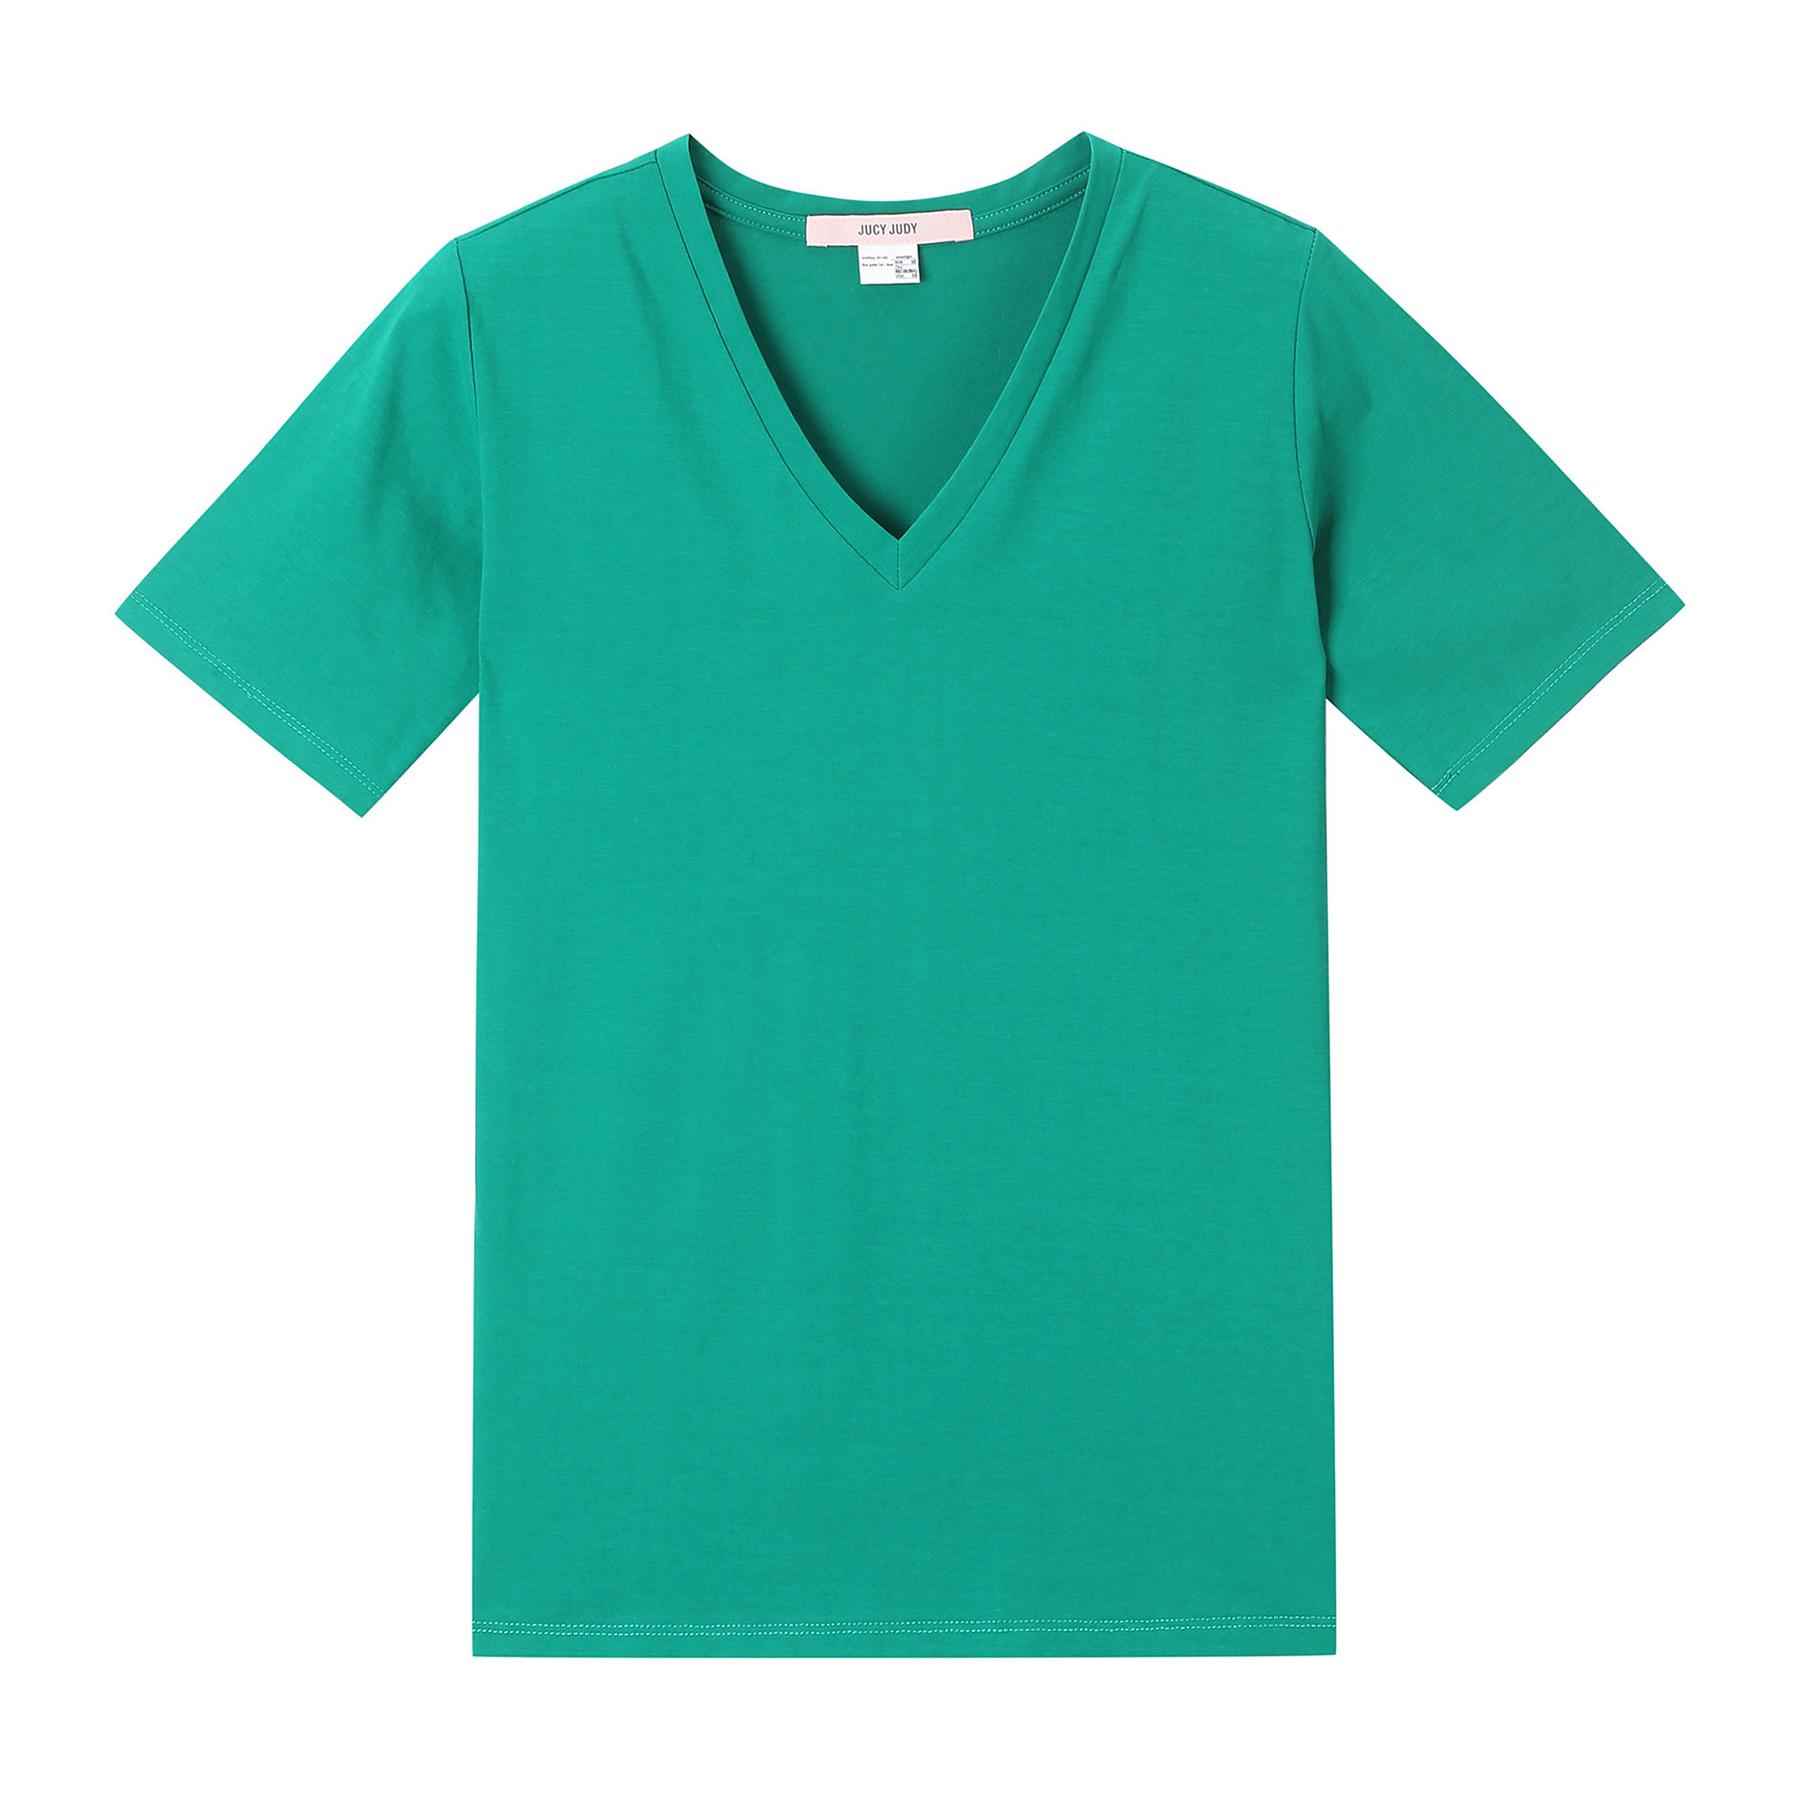 쥬시쥬디 여성용 J코튼스판V넥기본 티셔츠 JUTS326E-7-5541786322